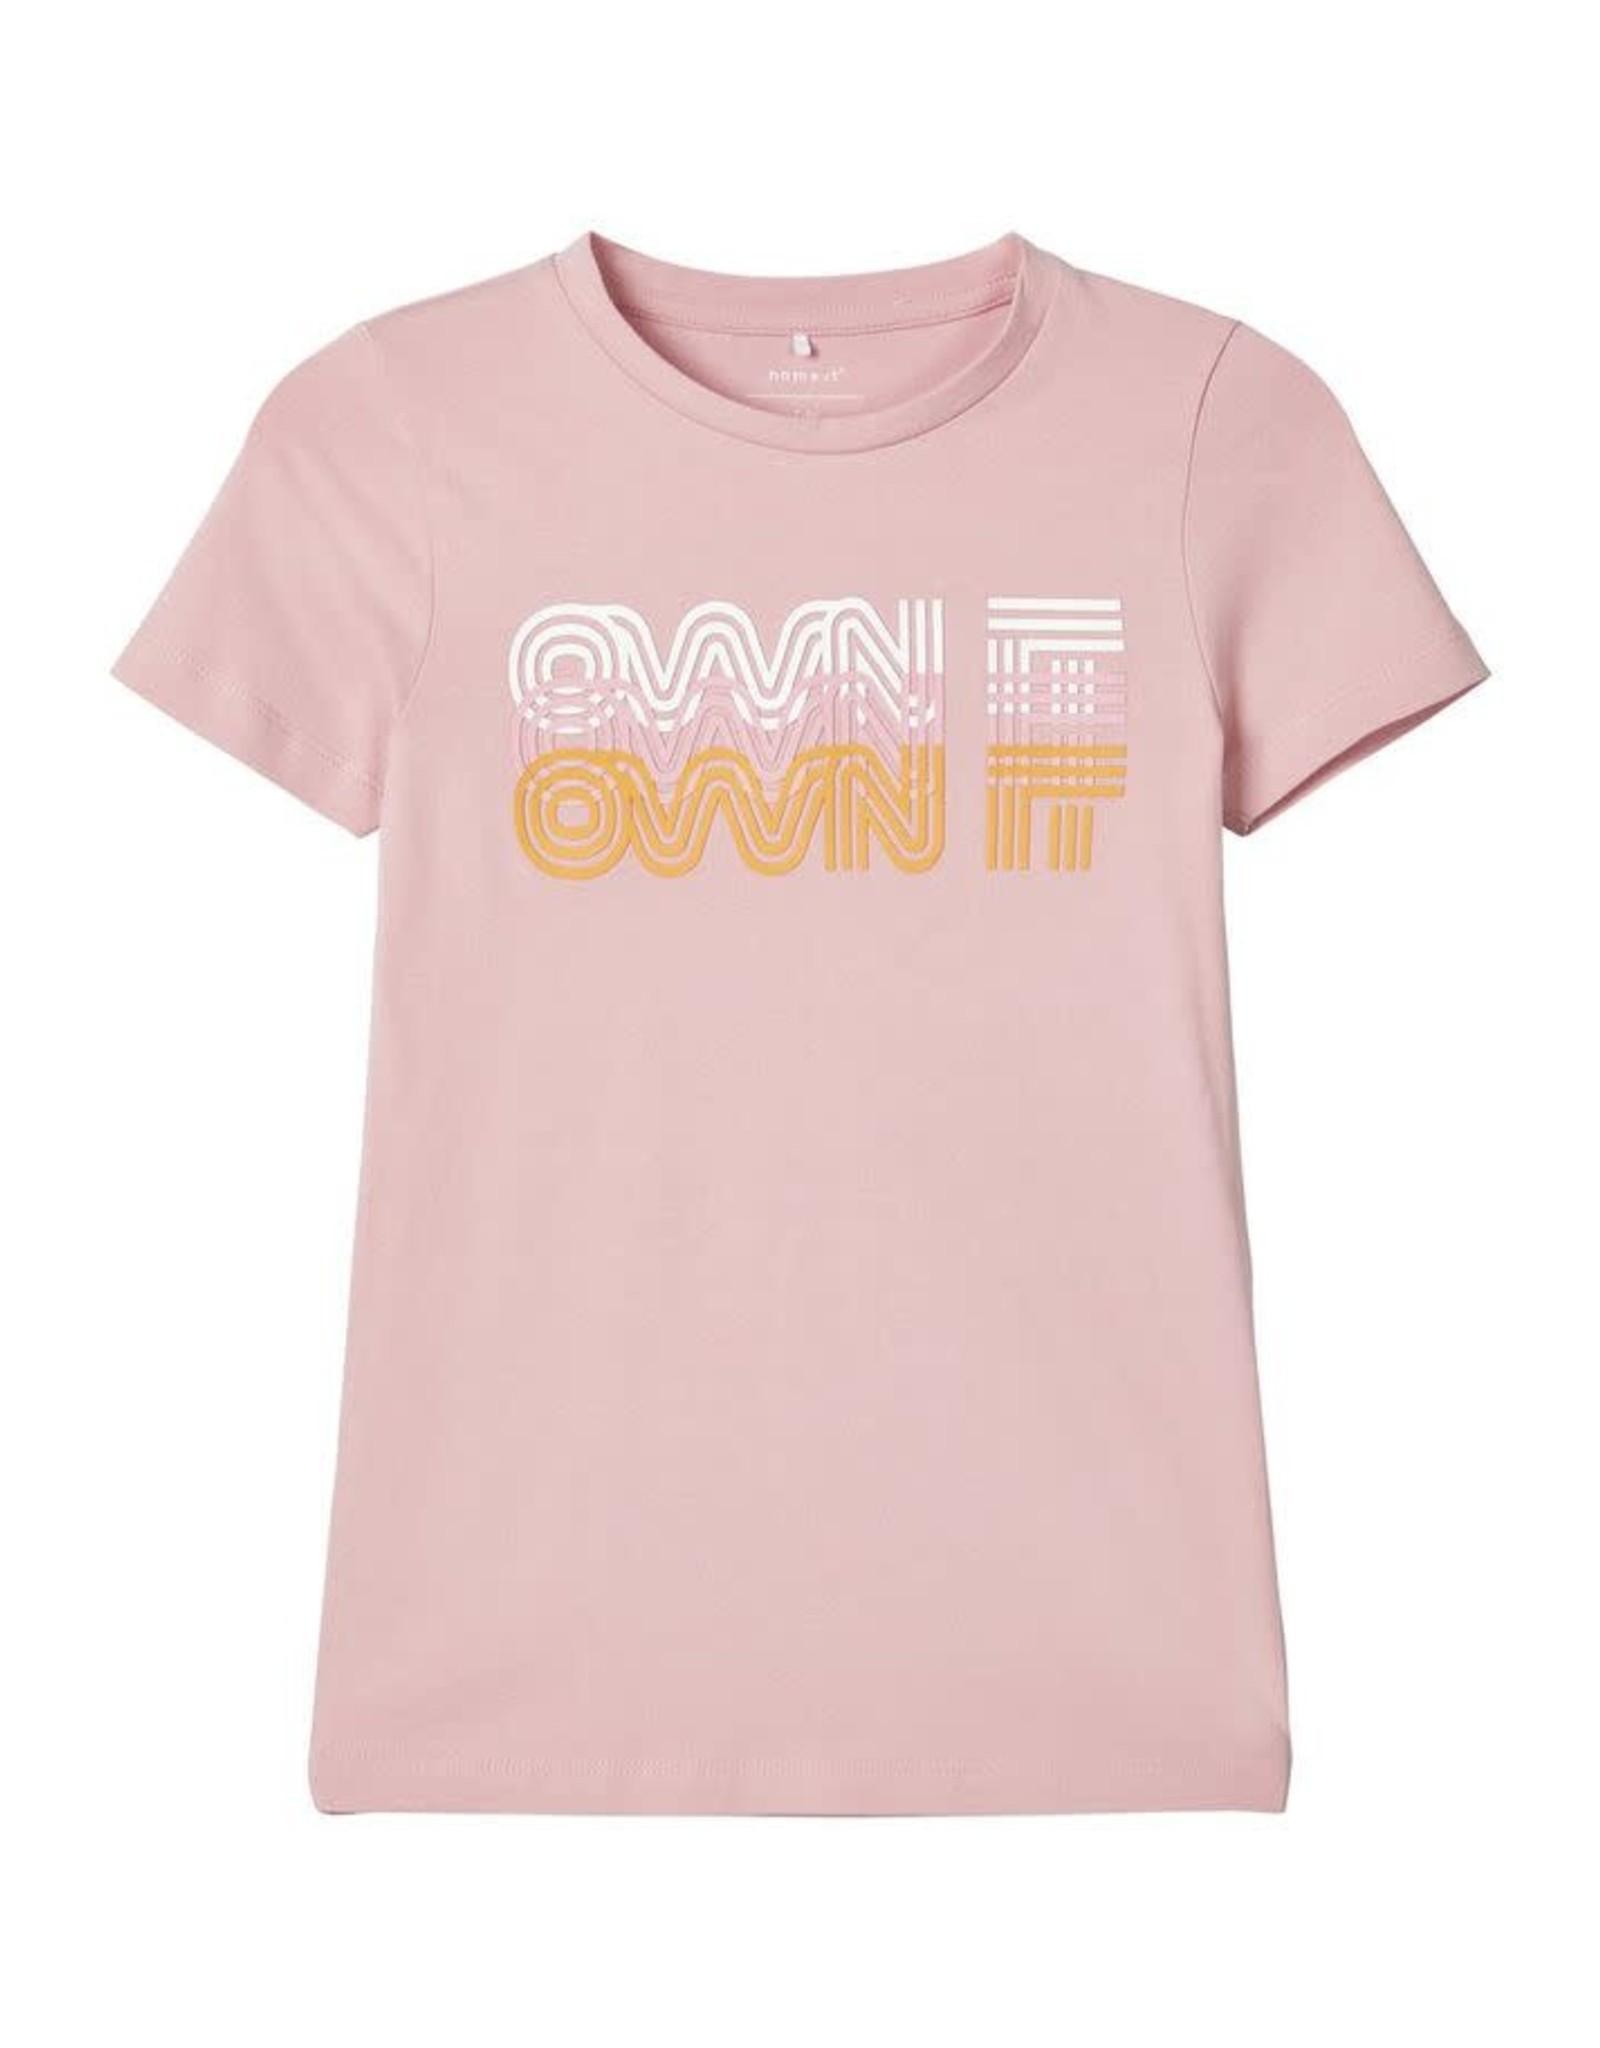 Name It Zacht roze t-shirt met bedrukking